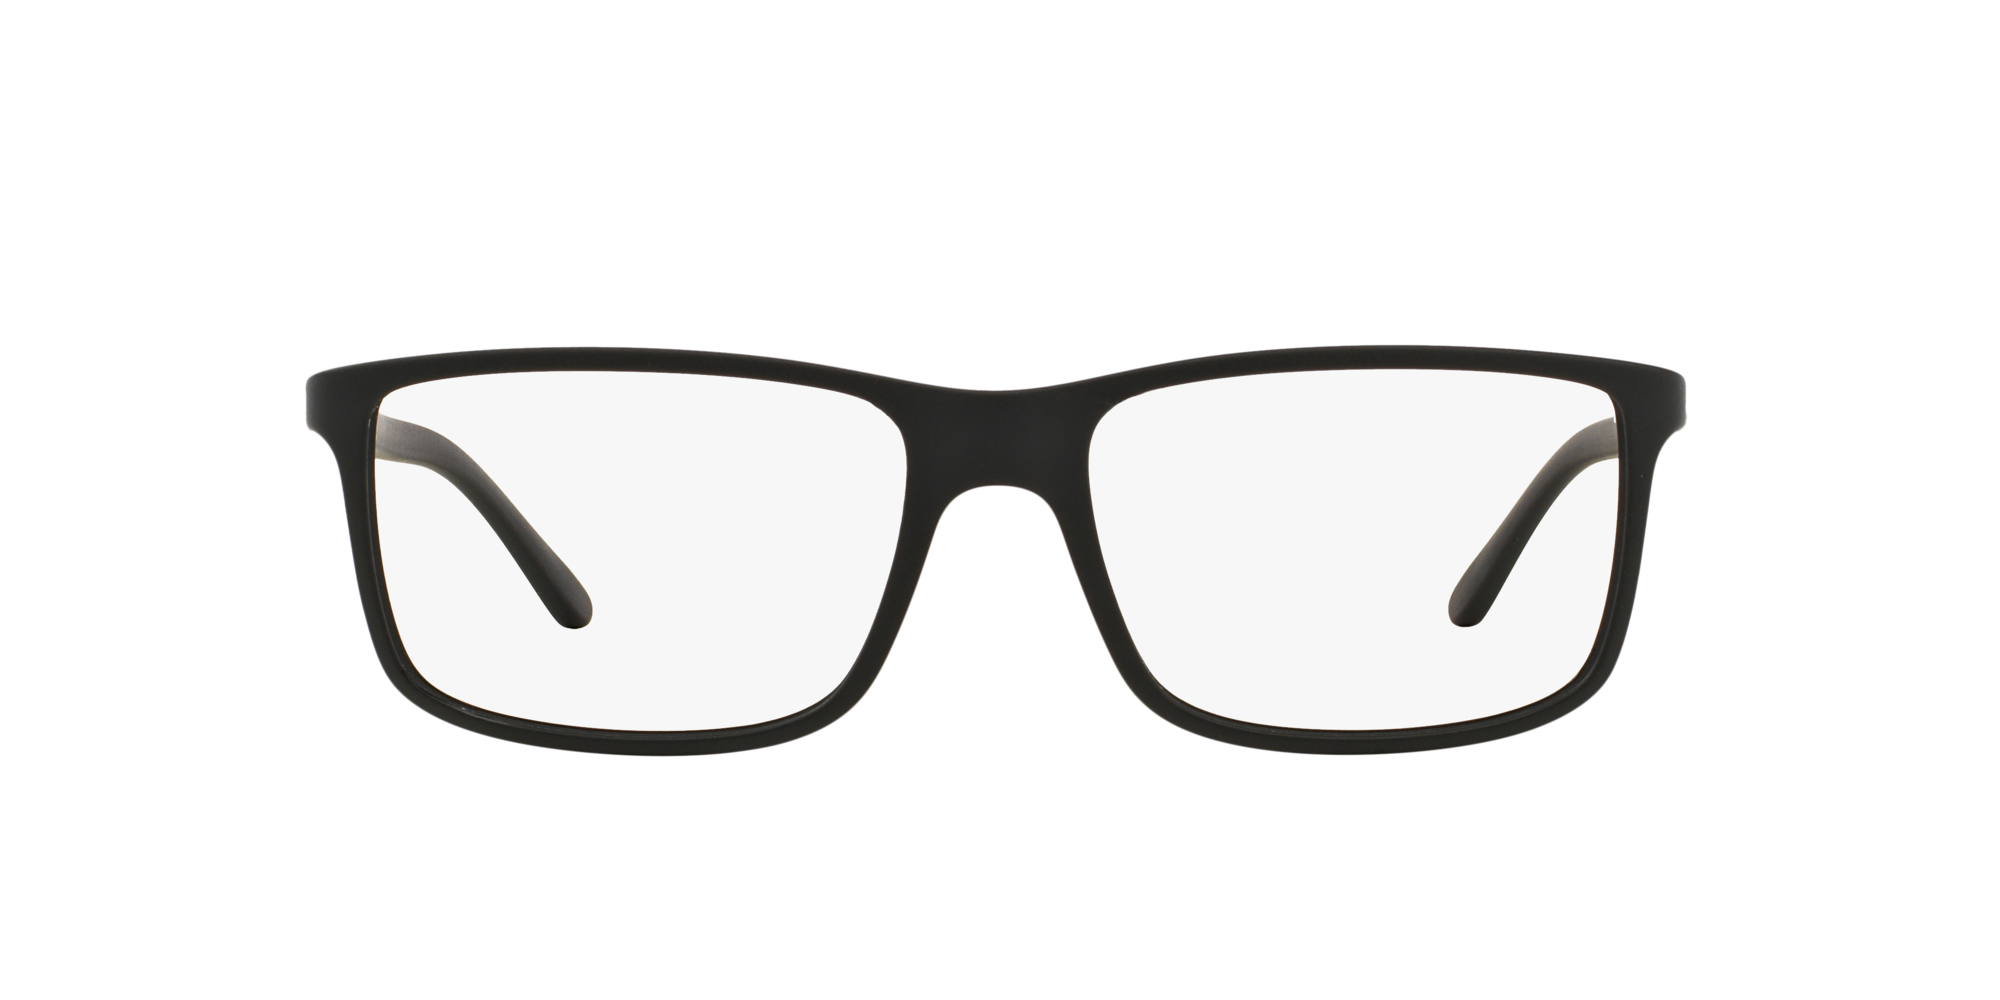 Imagen para PH2126 de LensCrafters |  Espejuelos, espejuelos graduados en línea, gafas